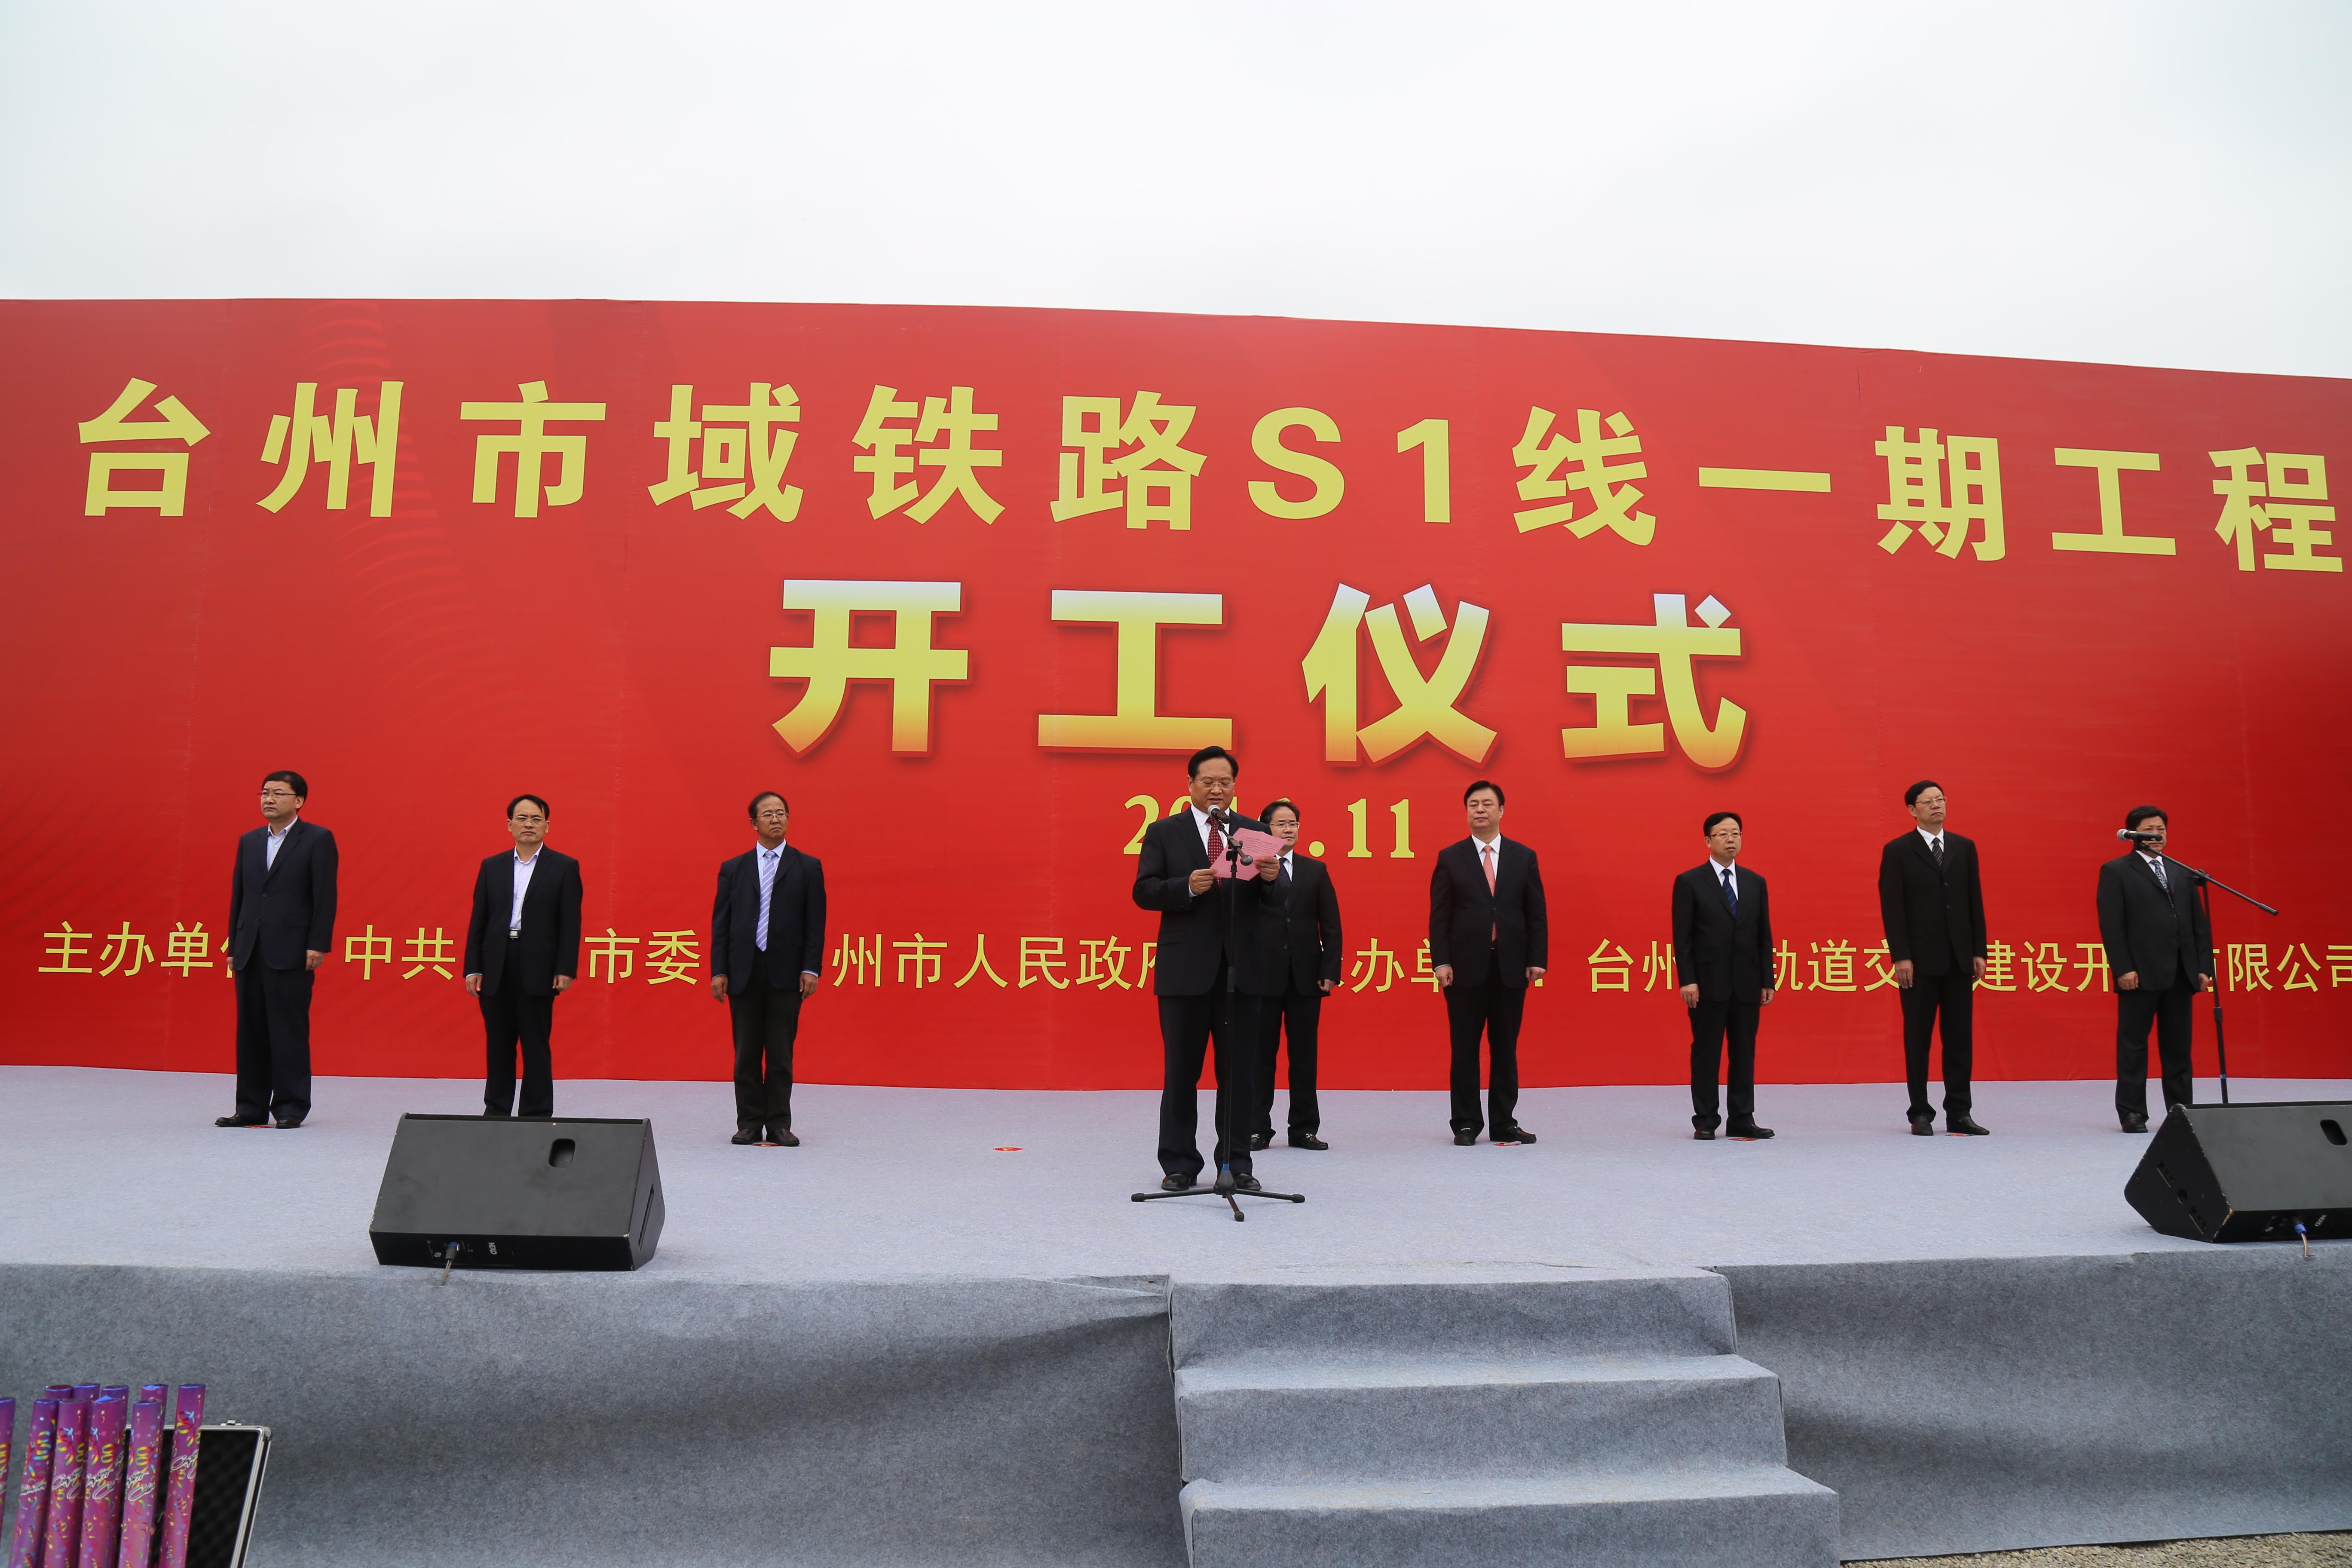 台州:交通装备产业转型升级 两大民生项目全面开工